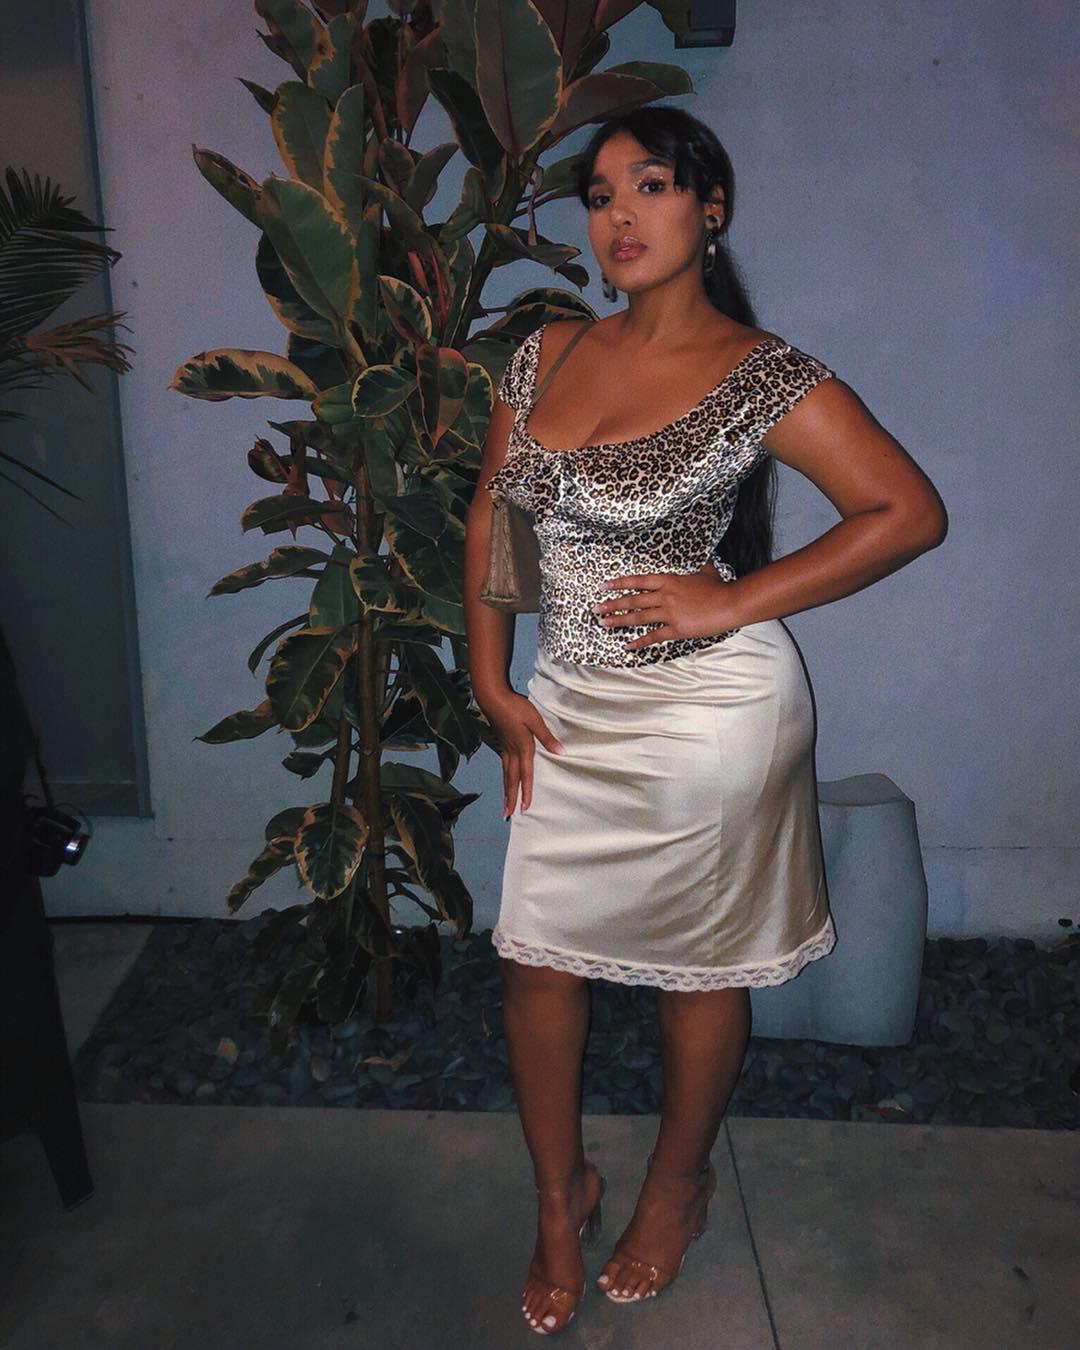 50 Hot And Sexy Yaris Sanchez Photos - 12thBlog